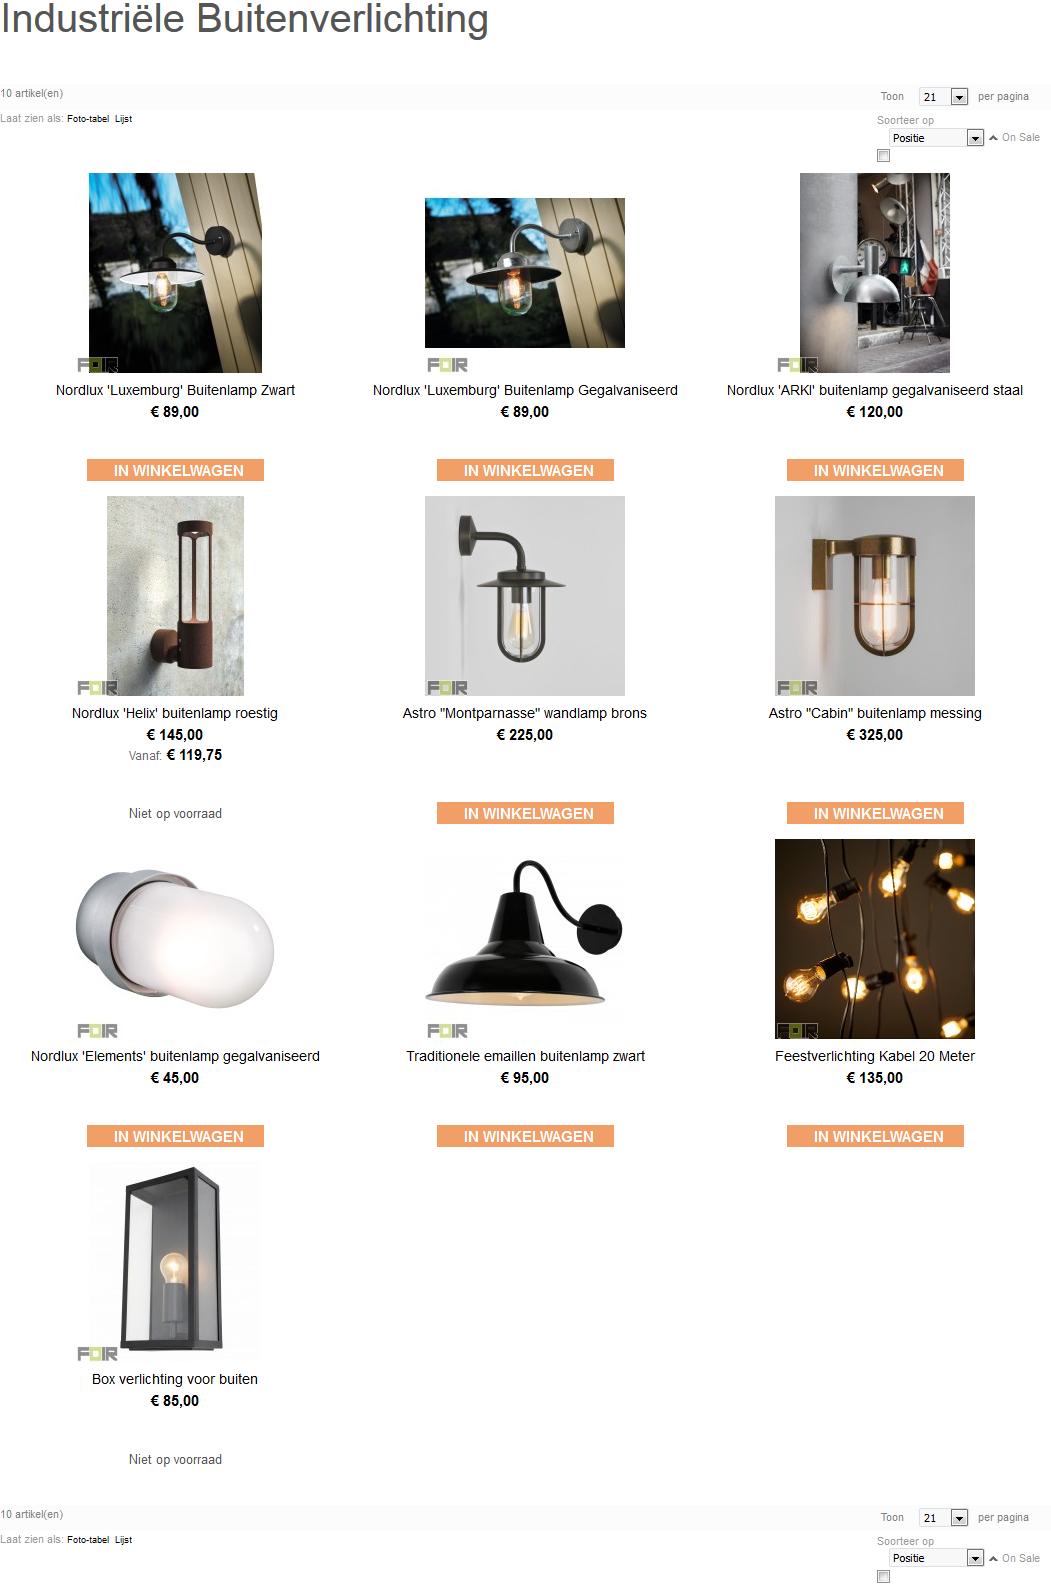 industrie-hanglampen_industriele-buitenverlichting